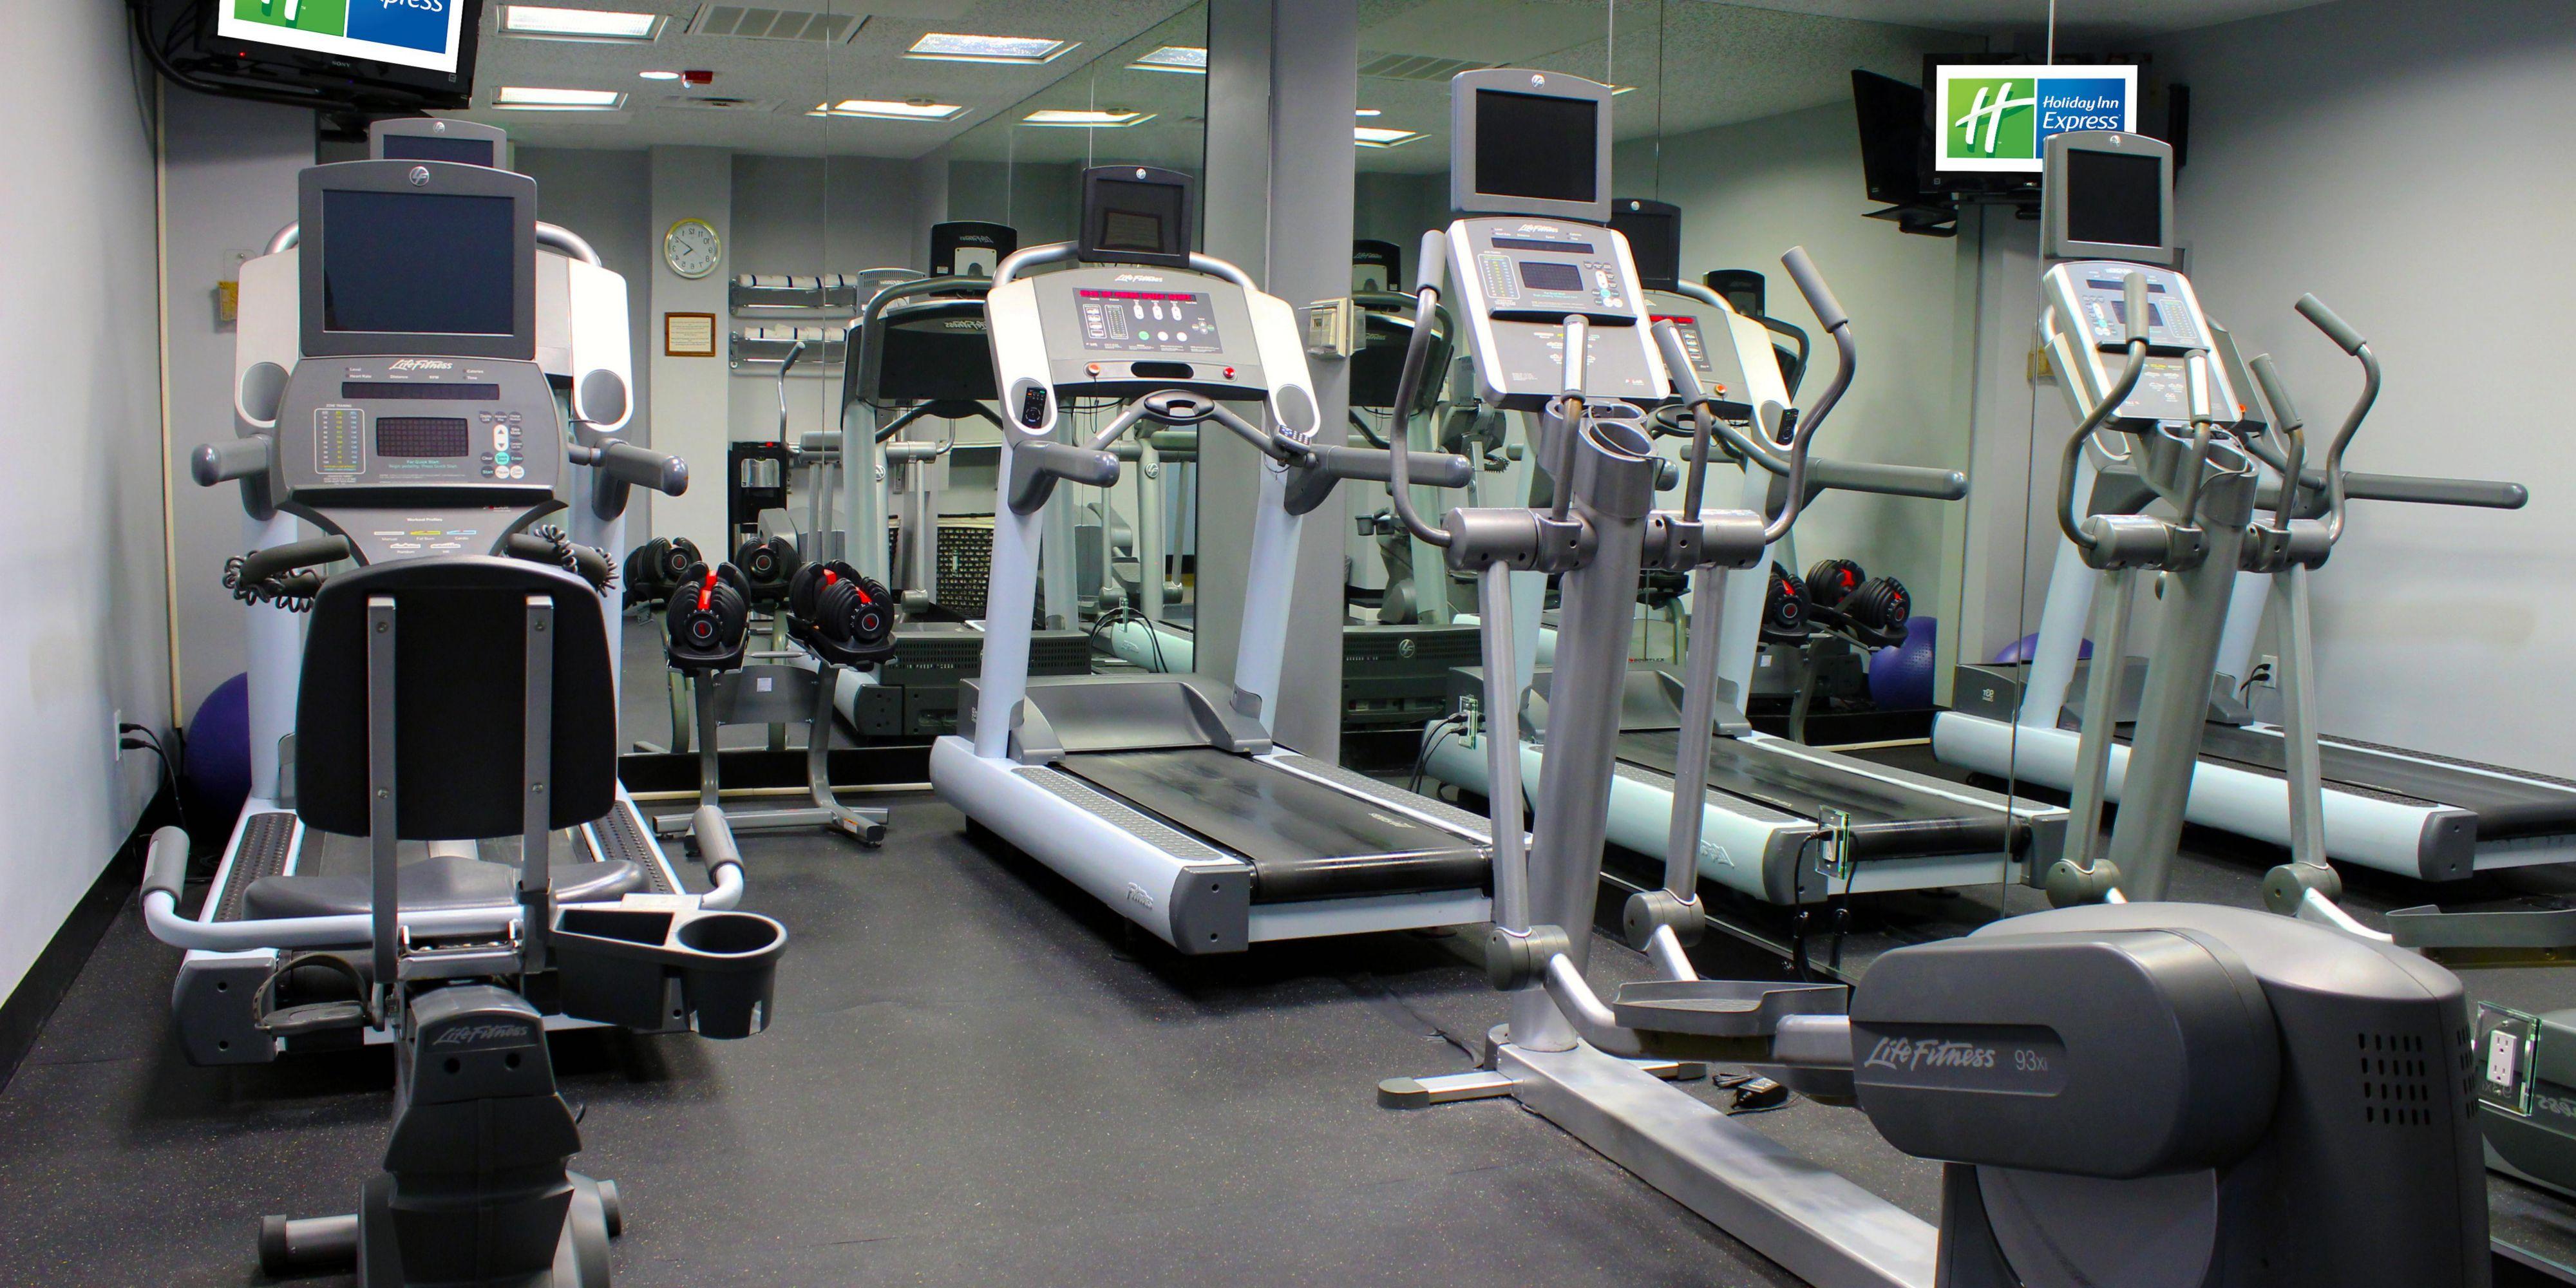 proteus studio 2000 home gym manual